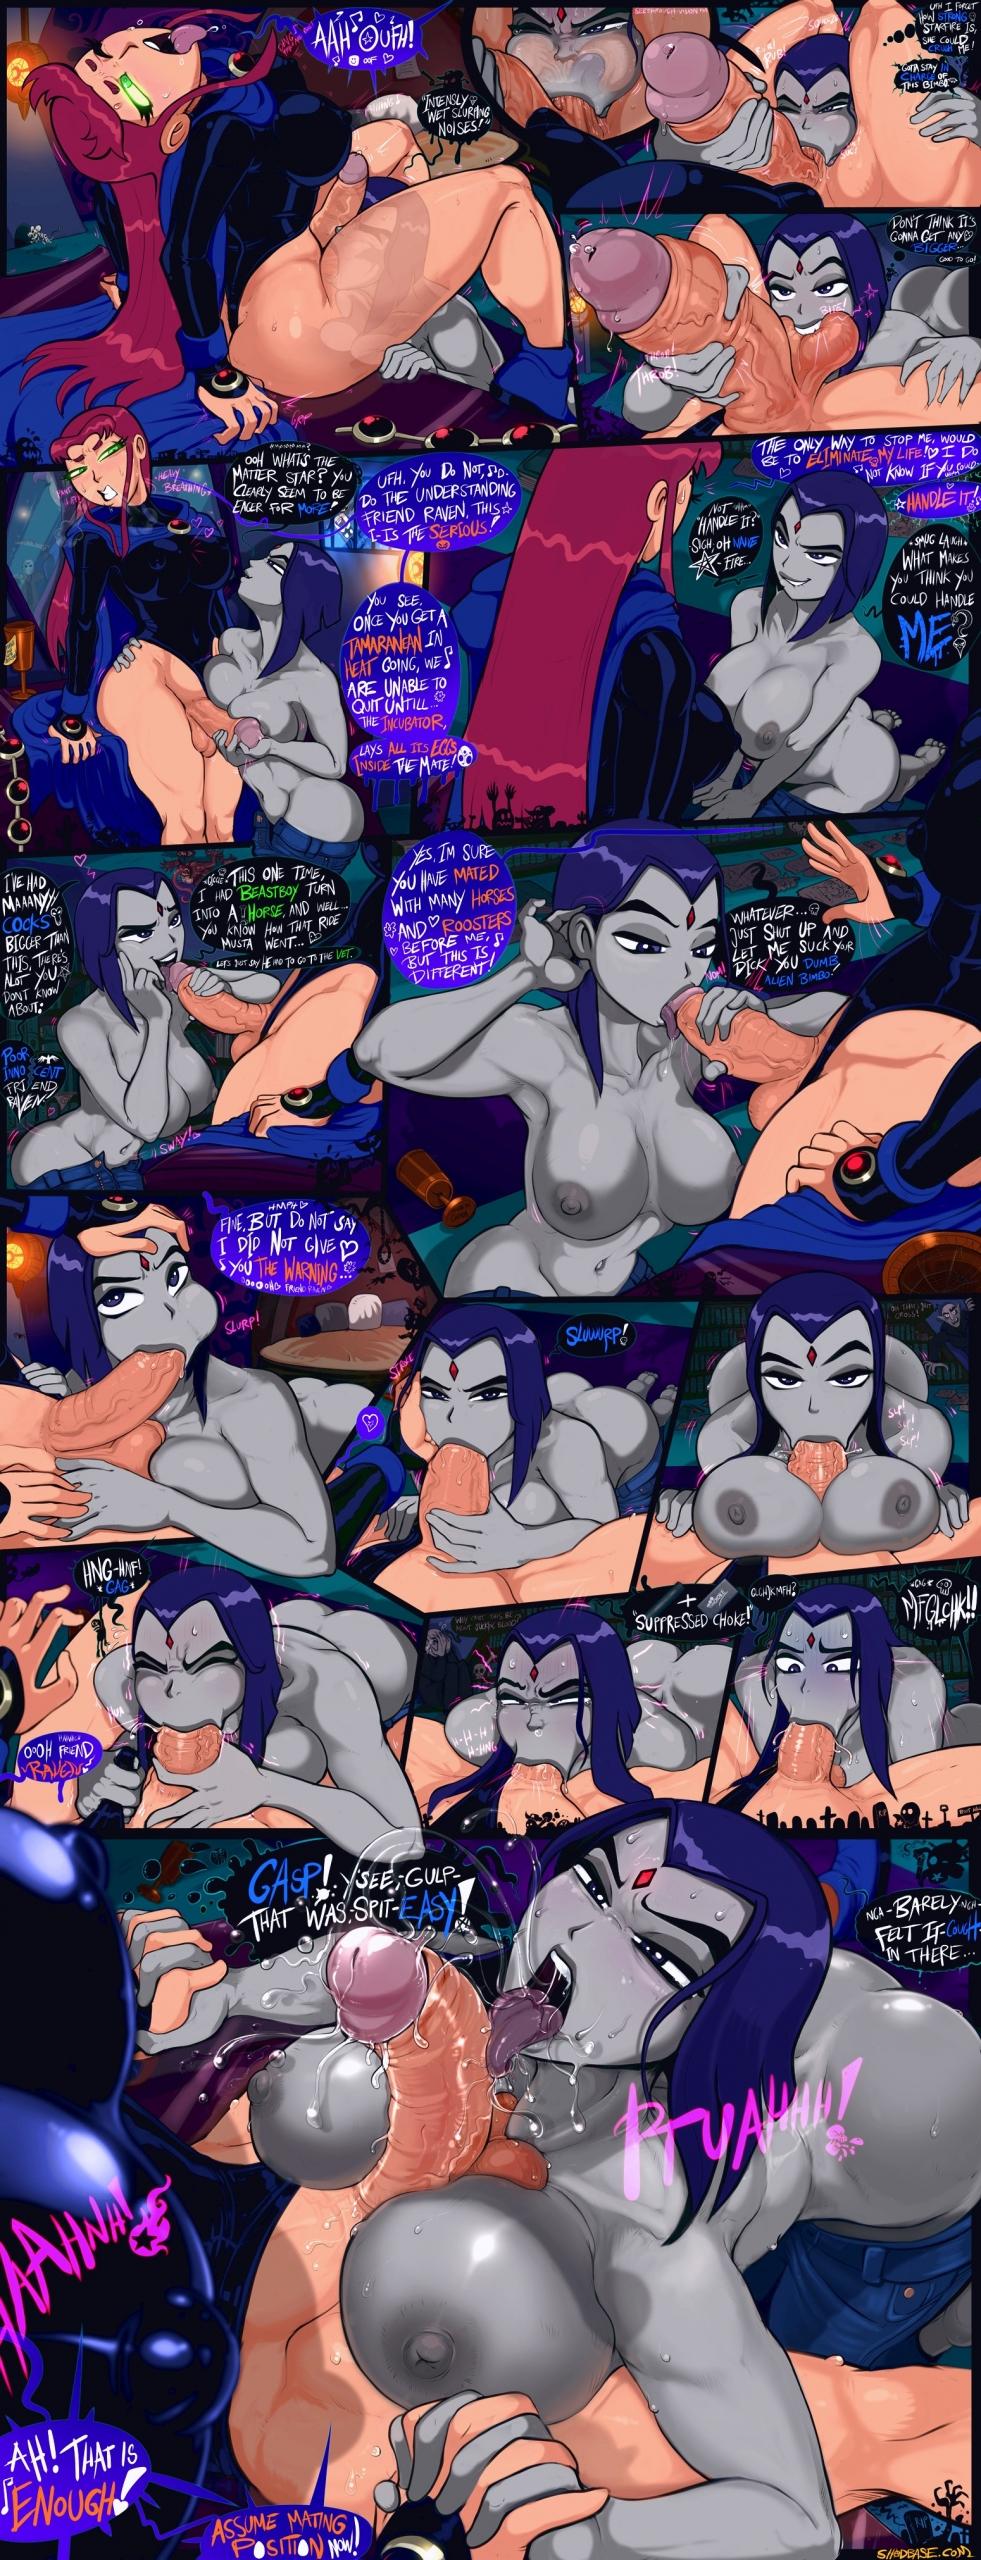 Ravenous page 04